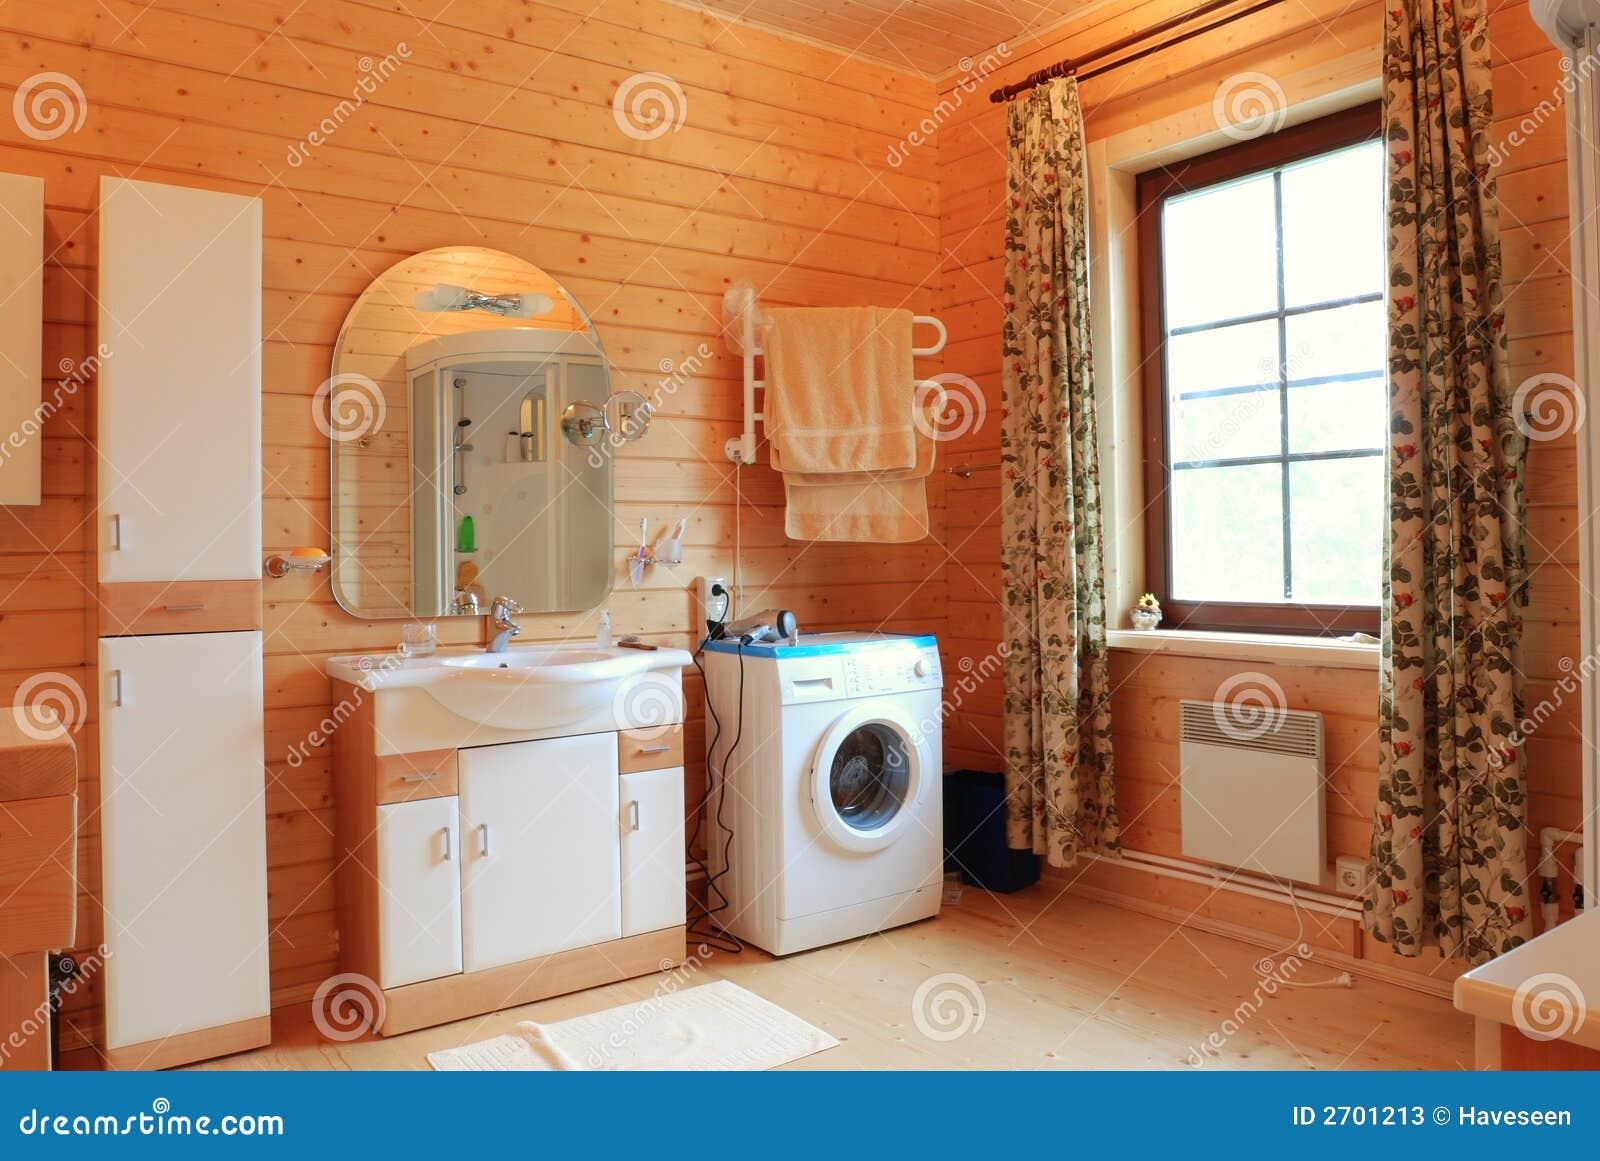 Stanza da bagno di legno immagine stock immagine di for Stanza da bagno